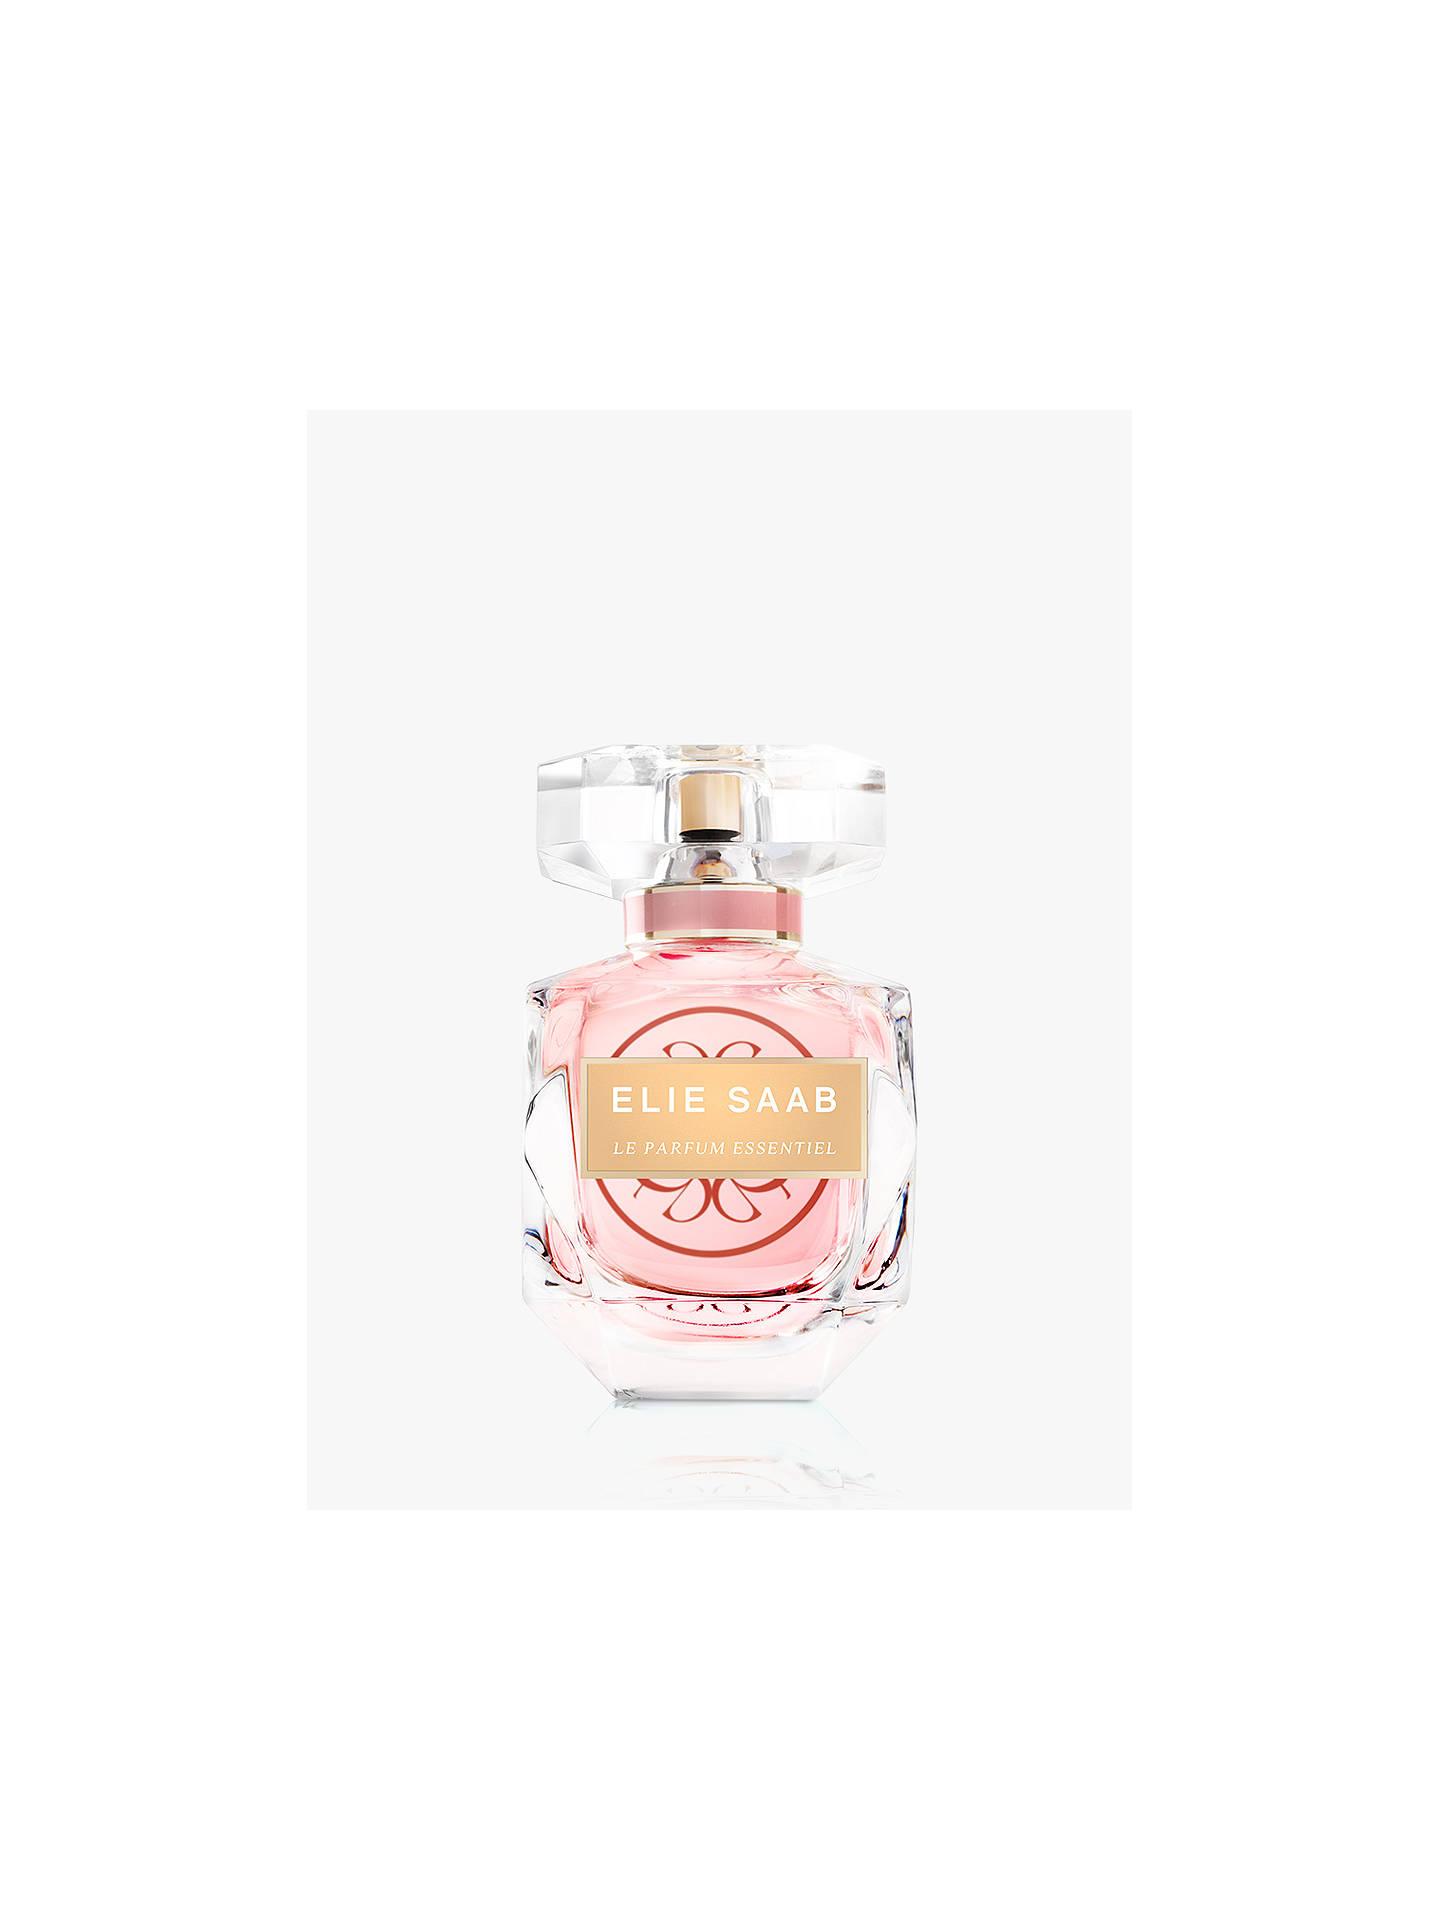 Elie Saab Le Parfum Essentiel Eau De Parfum At John Lewis Partners